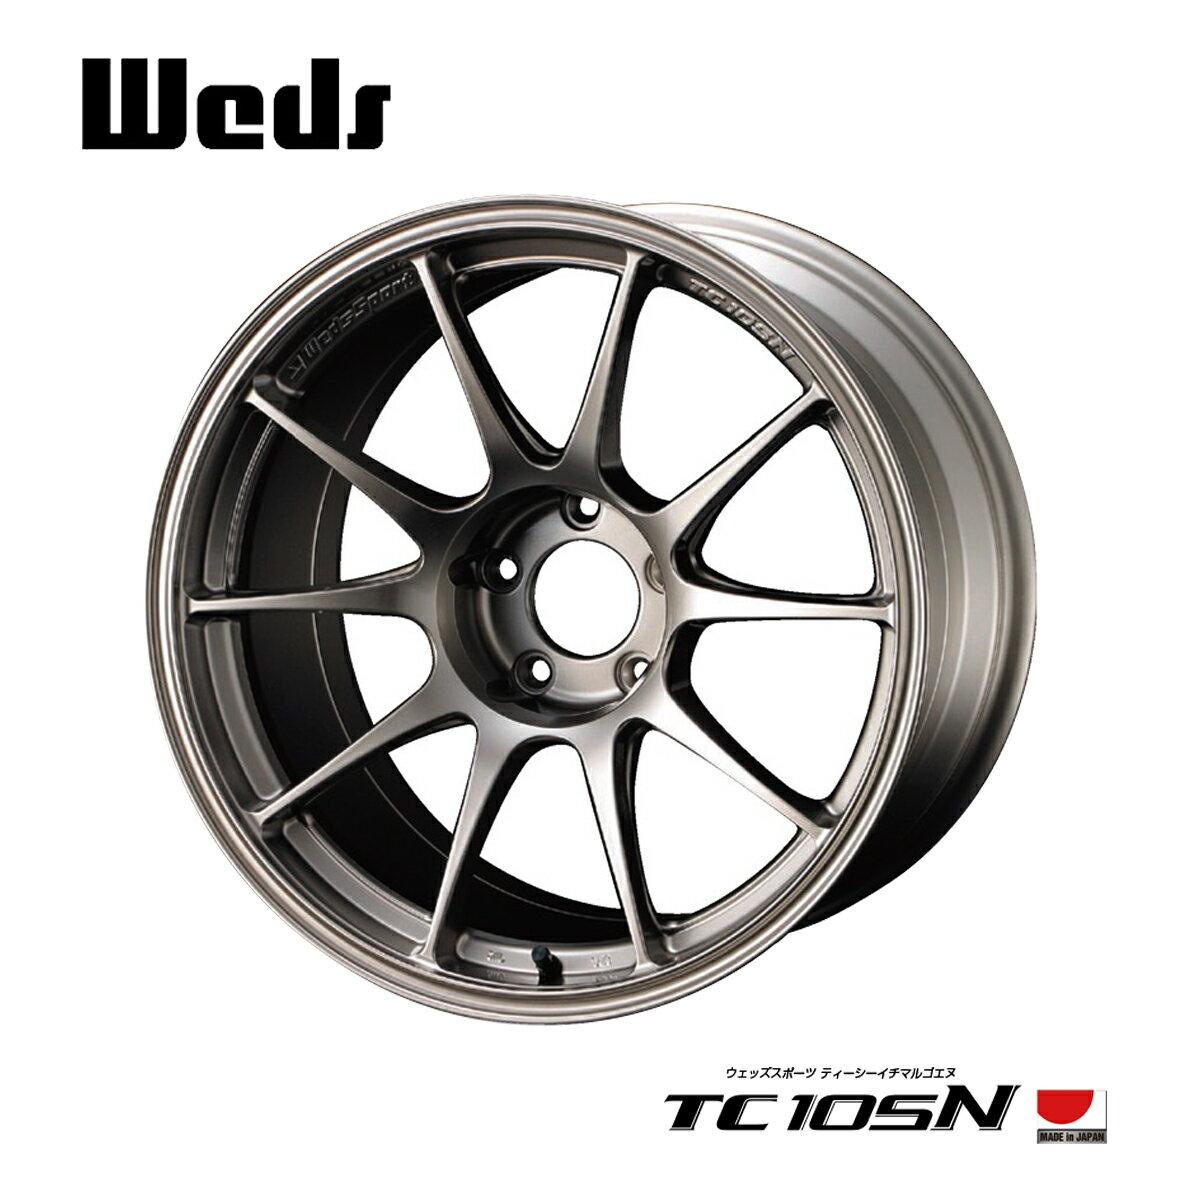 ウエッズスポーツ WedsSport TC105N ホイール 1本 18 インチ 5H114.3 10.5.J+12 ウェッズ WEDS